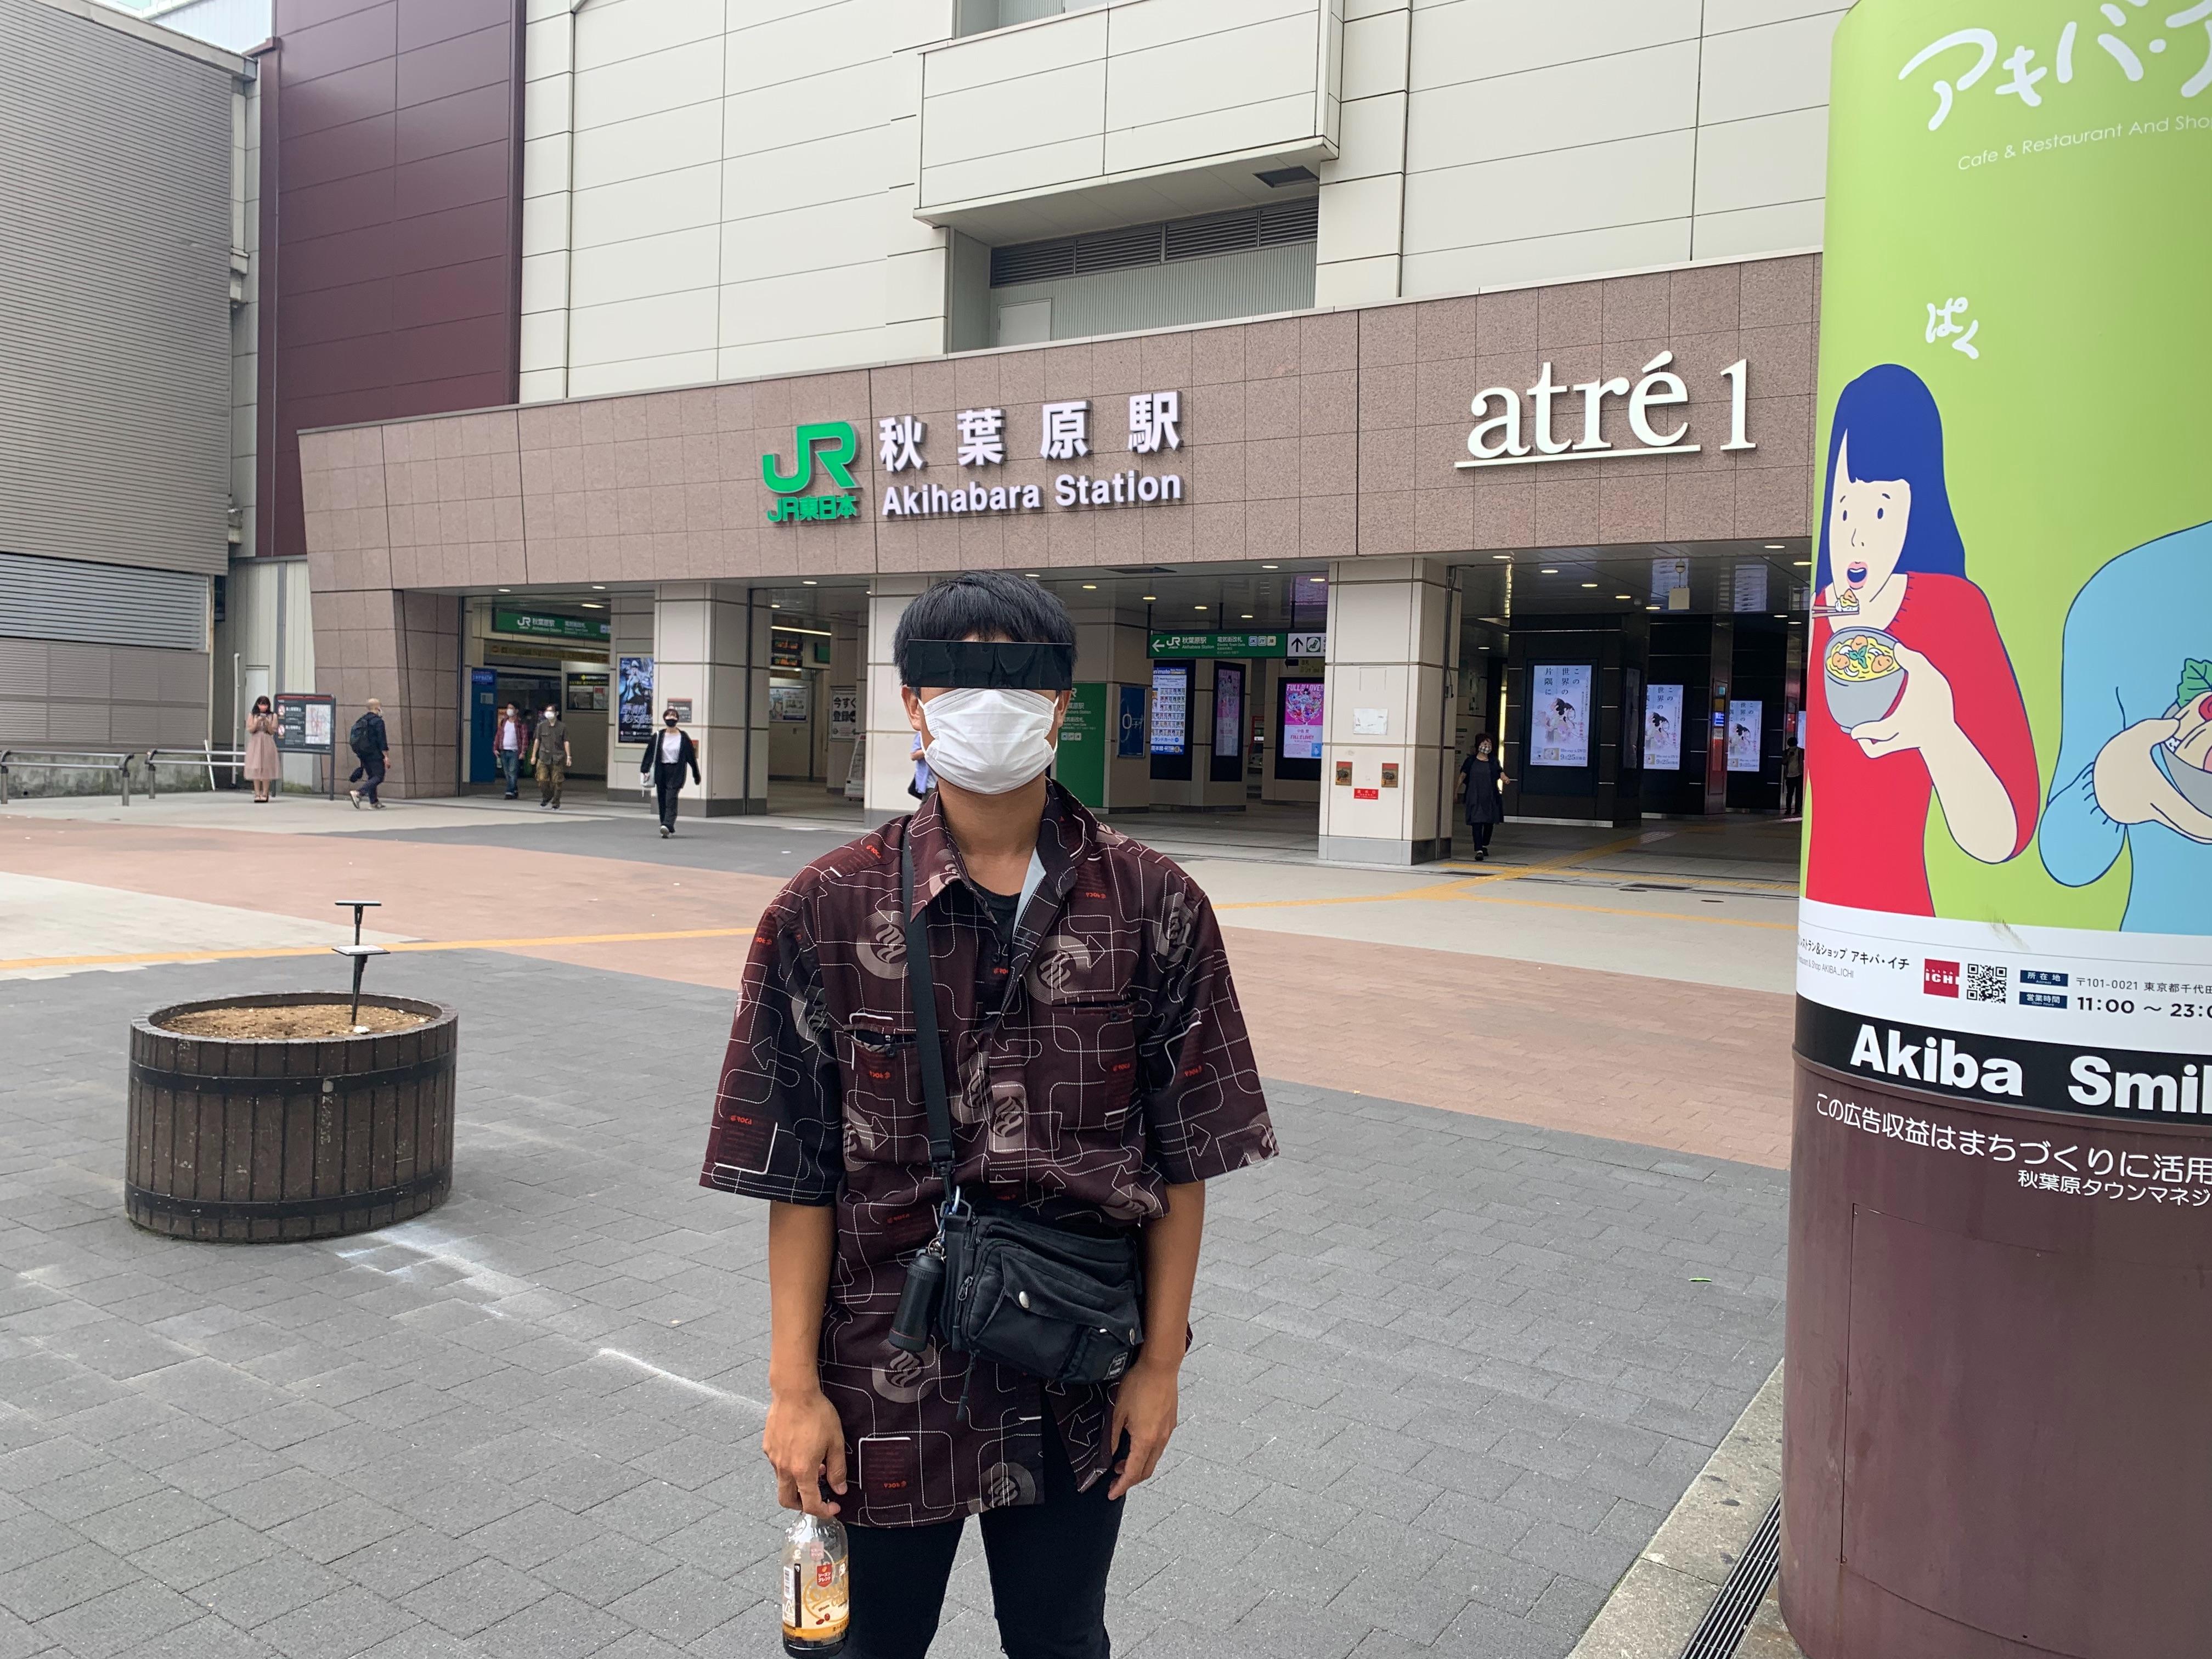 f:id:Chikubishin:20200930120947j:image